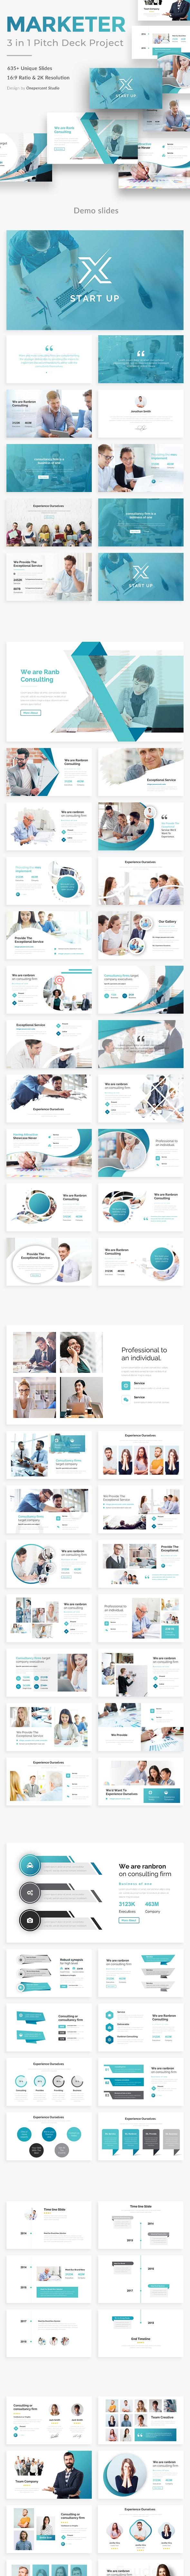 Marketer Pitch Deck 3 in 1 Bundle Powerpoint Template - Creative PowerPoint Templates